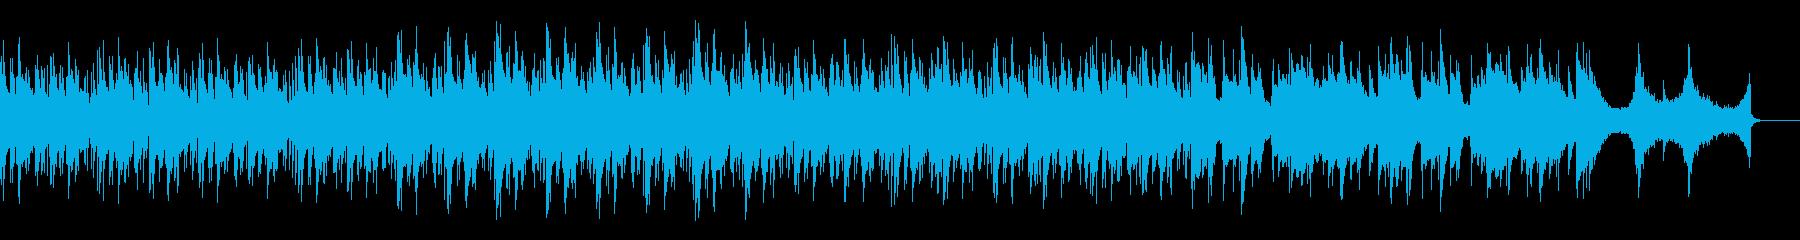 推理サスペンス、ジャズB ショートの再生済みの波形